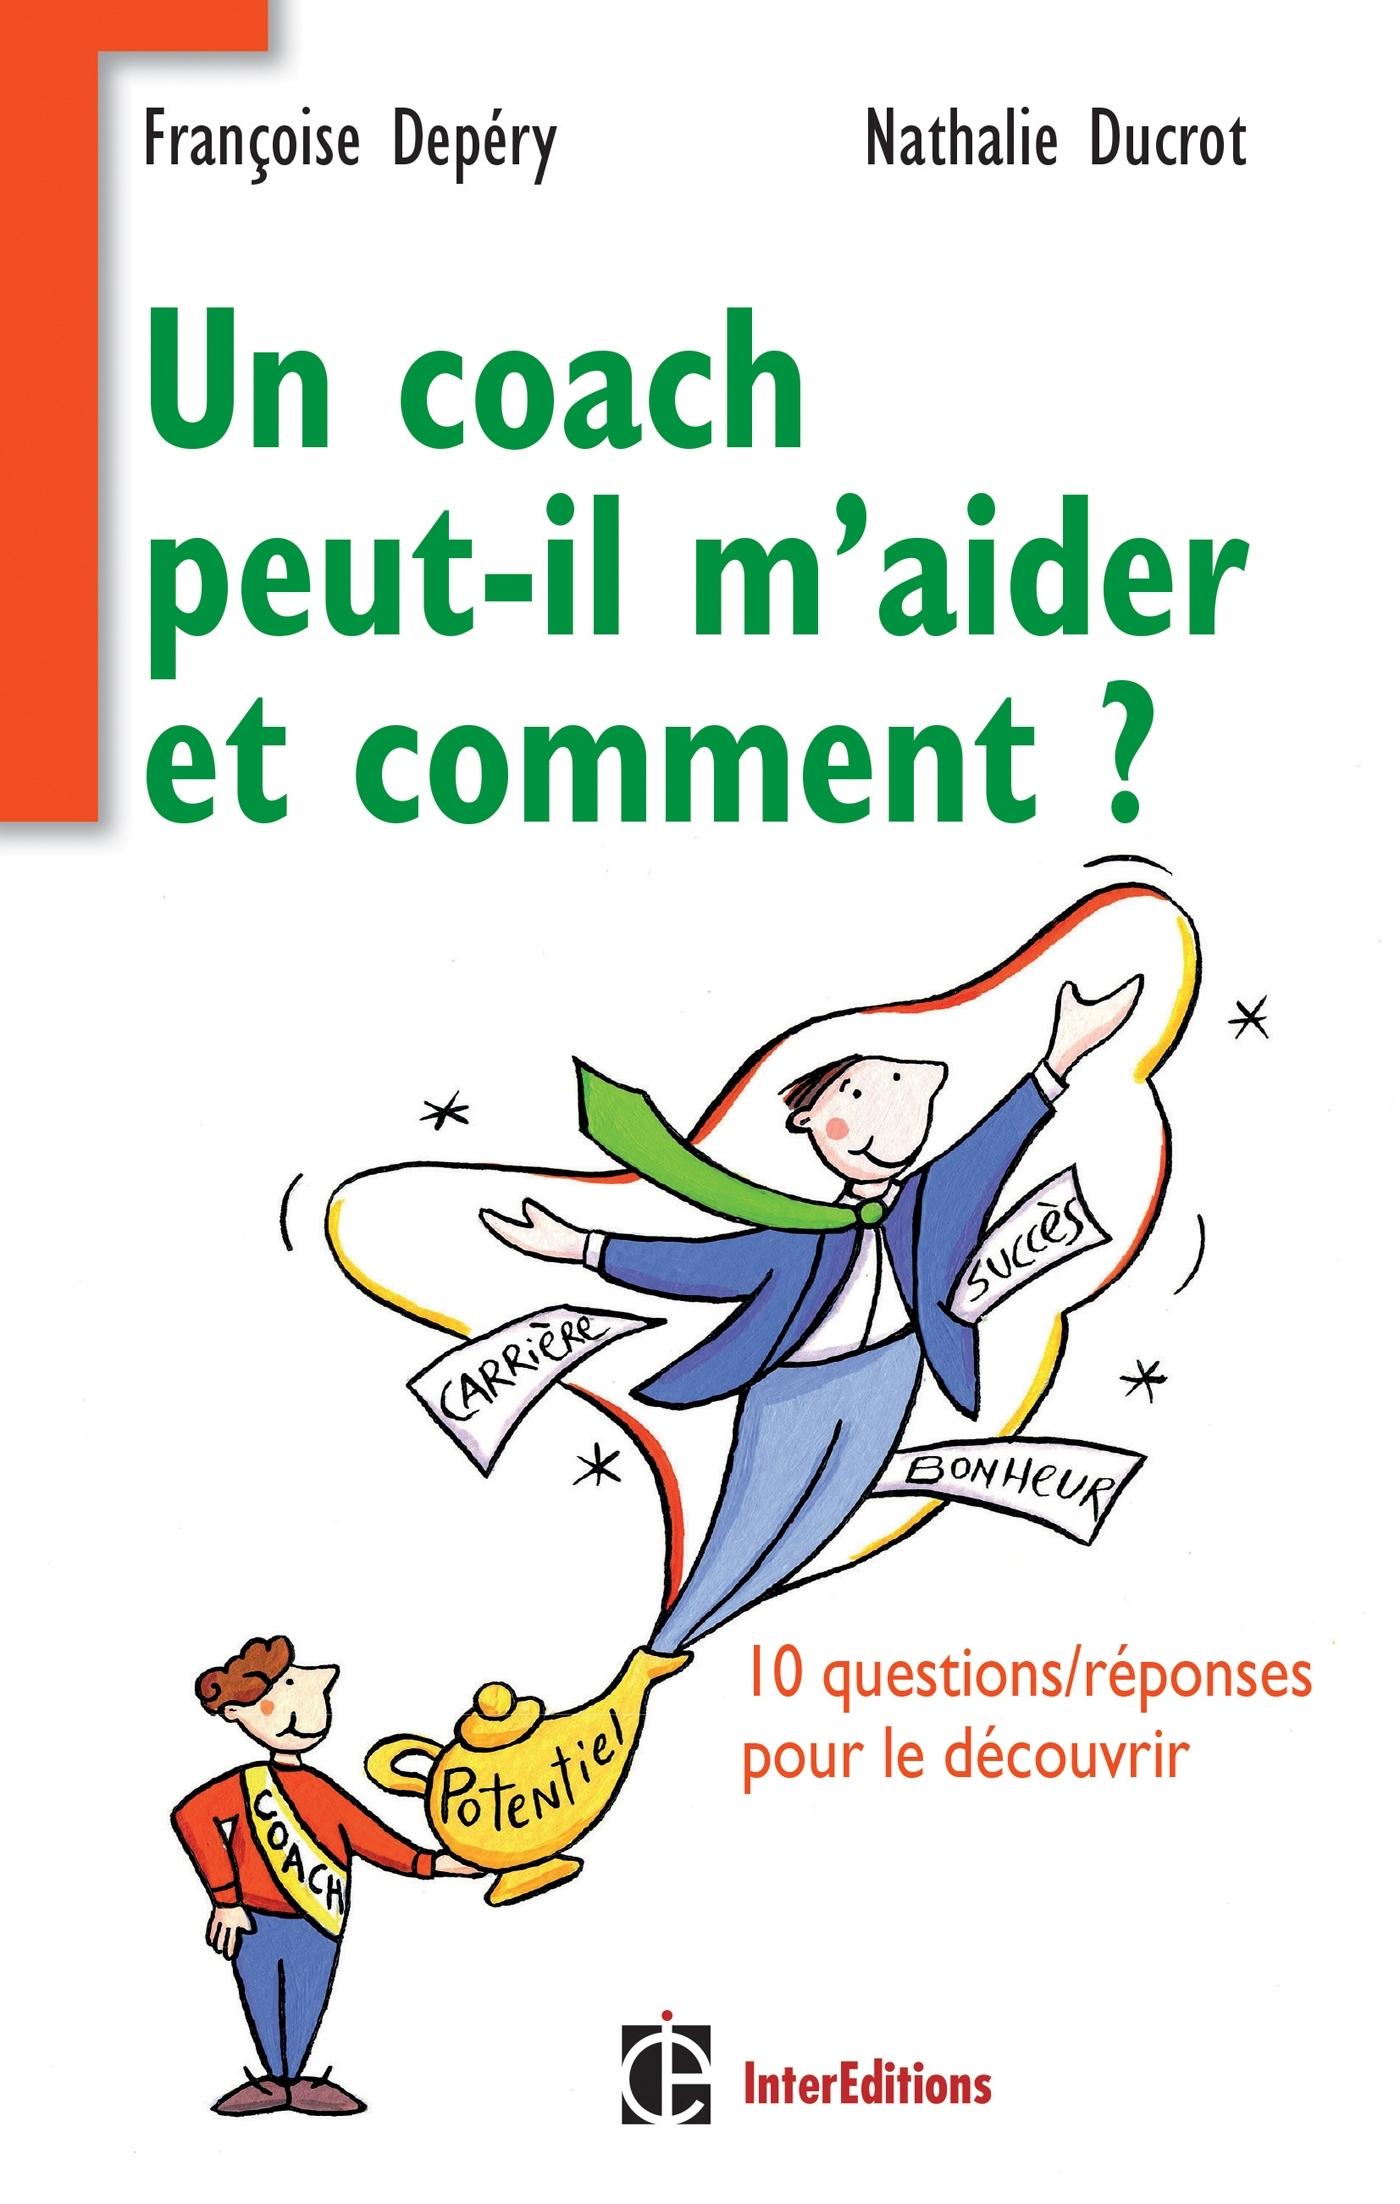 UN COACH PEUT-IL M'AIDER ET COMMENT ? - 10 QUESTIONS/REPONSES POUR LE DECOUVRIR